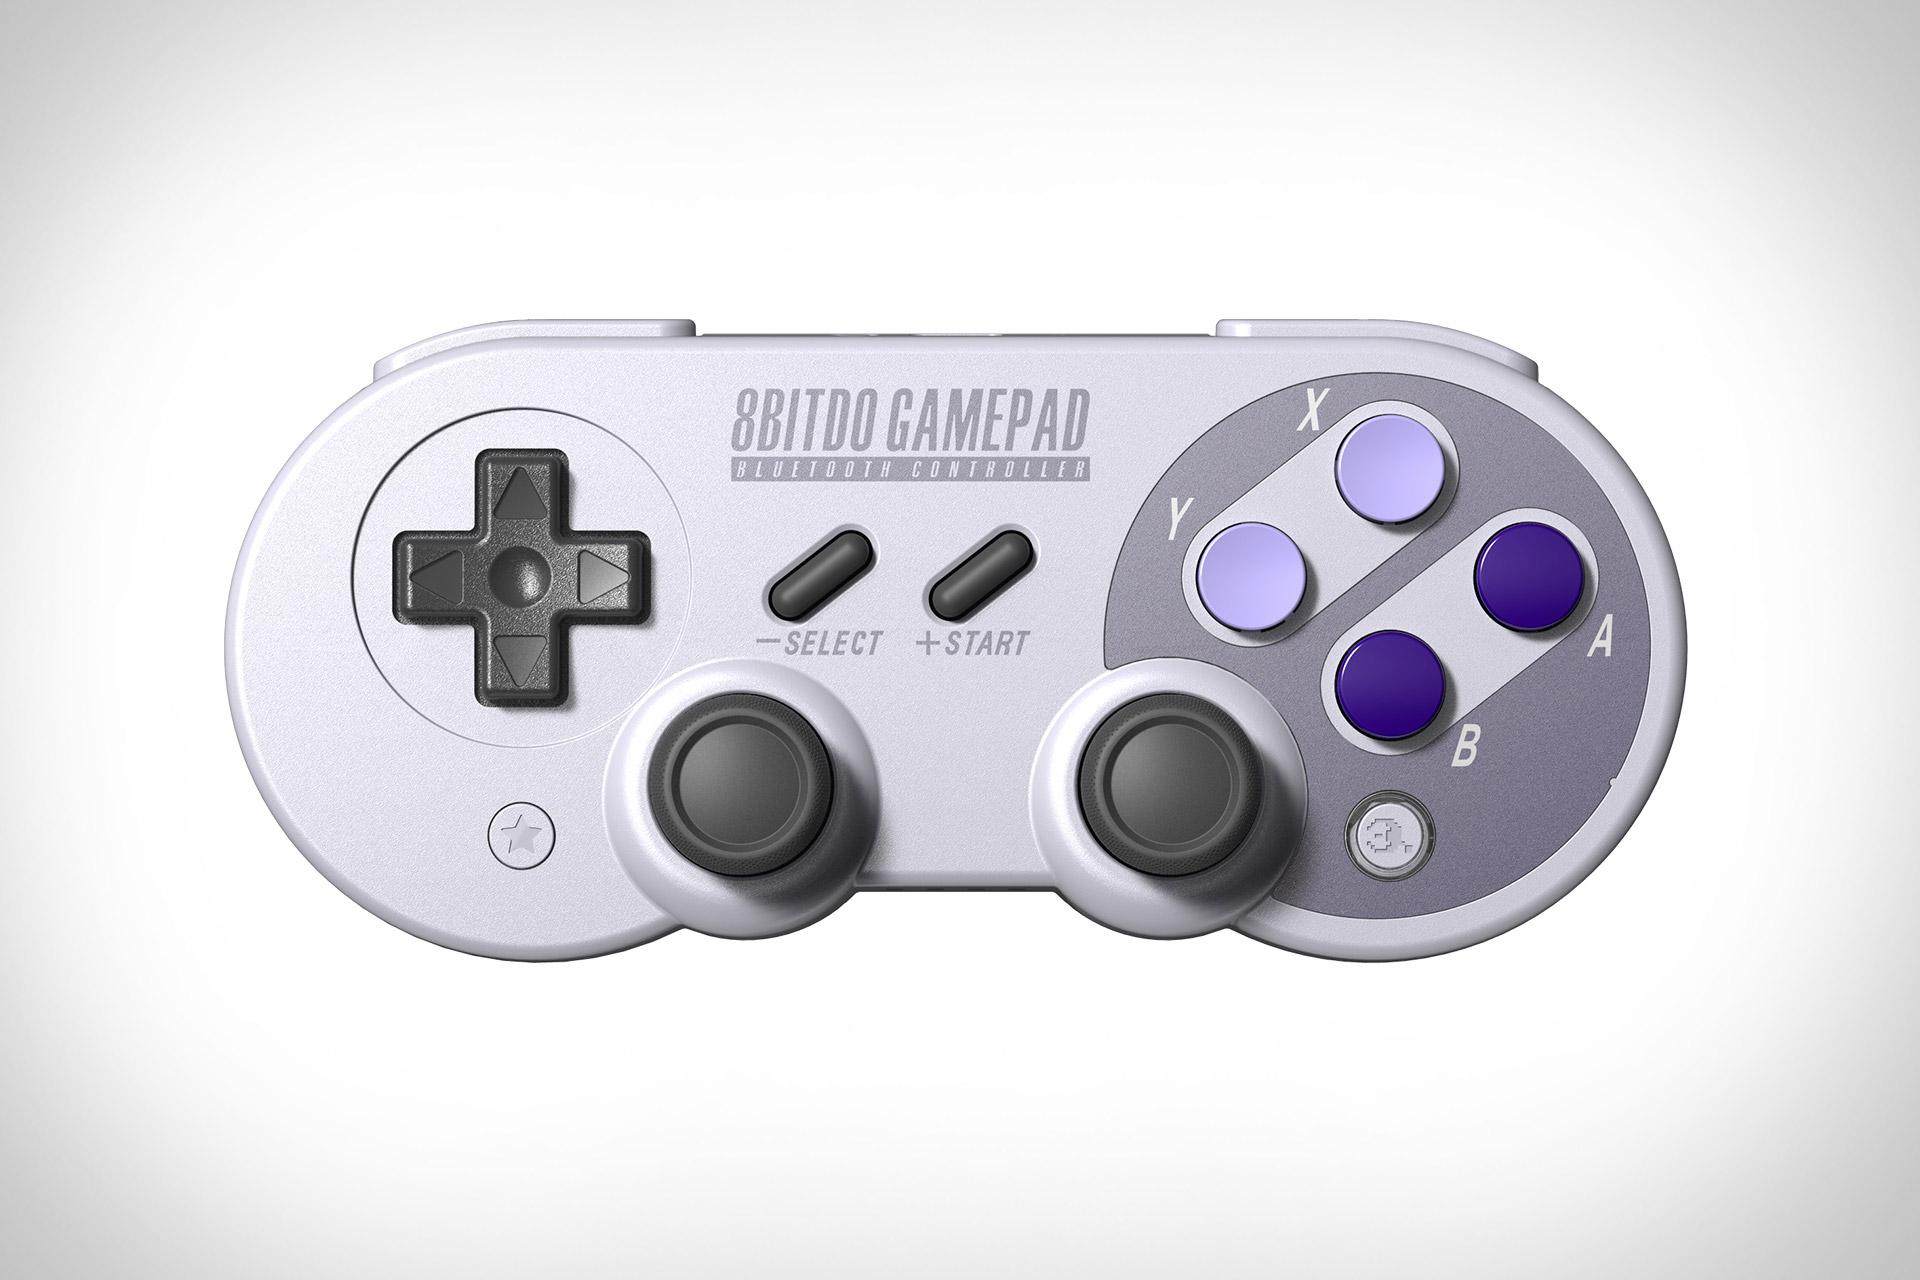 Köp SN30 PRO Gamepad - Bluetooth/USB (RET00080) för 38,9 € hos m nu